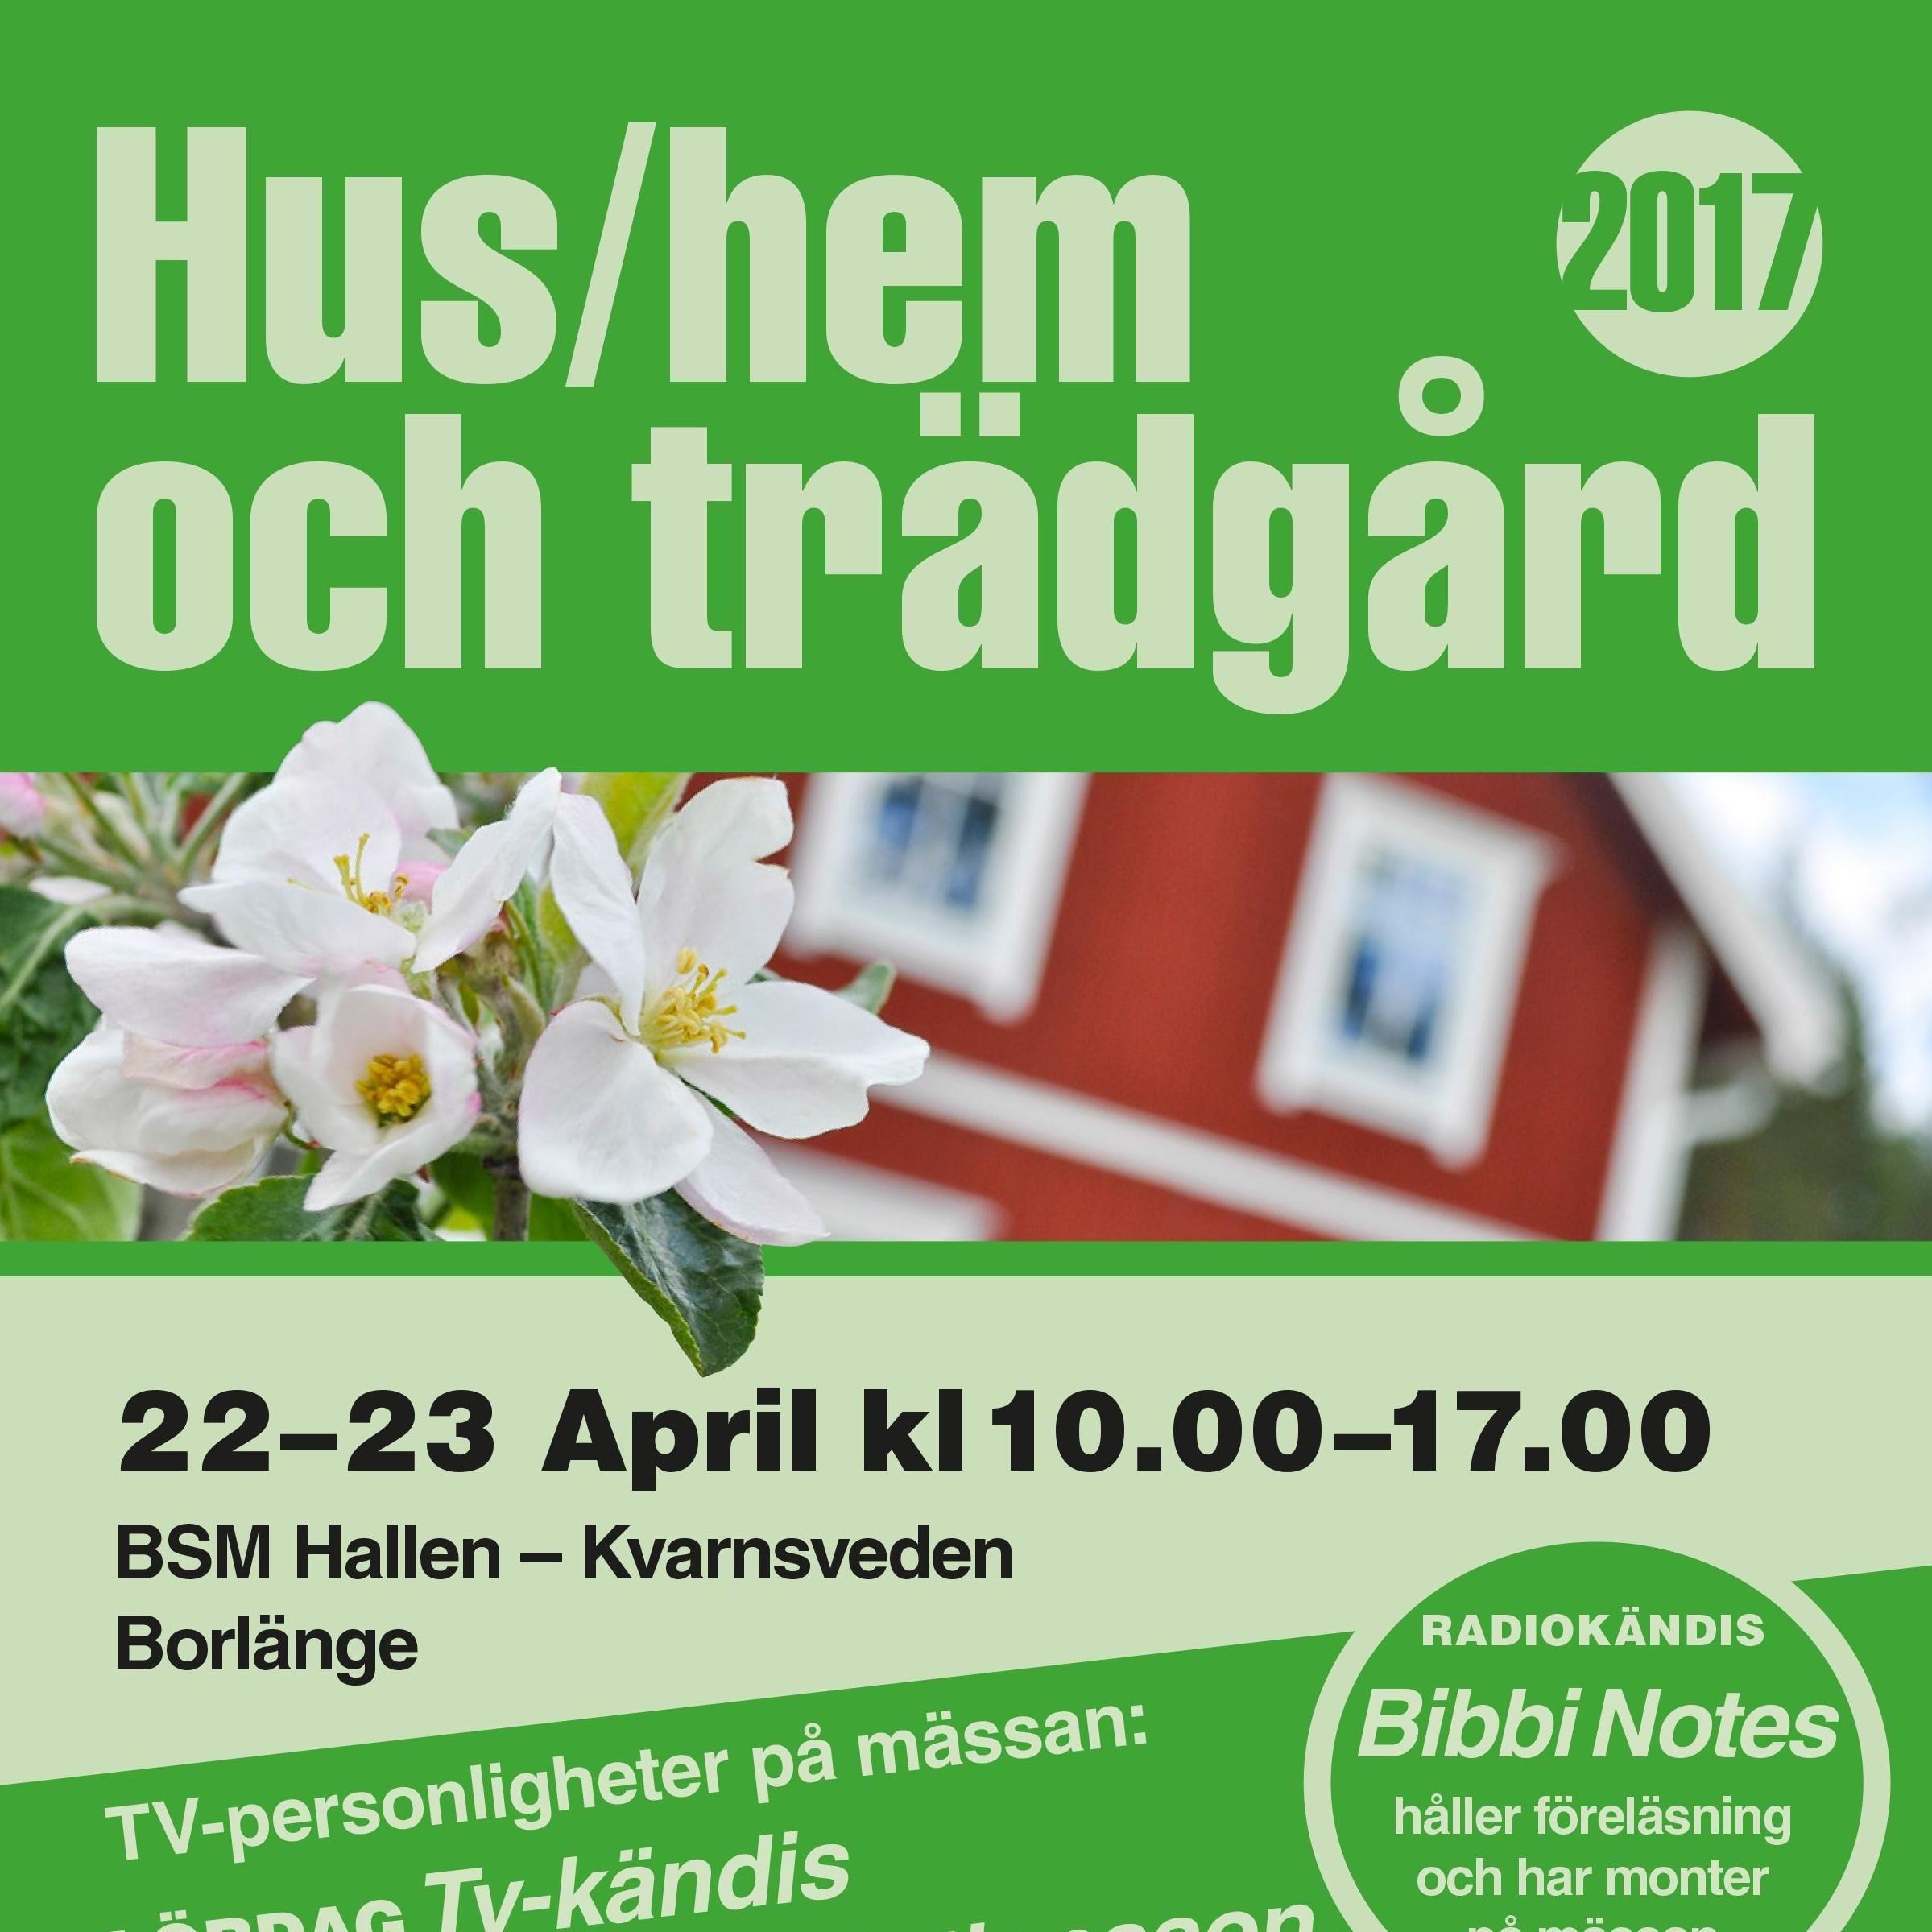 Hus/Hem och trädgård 2017